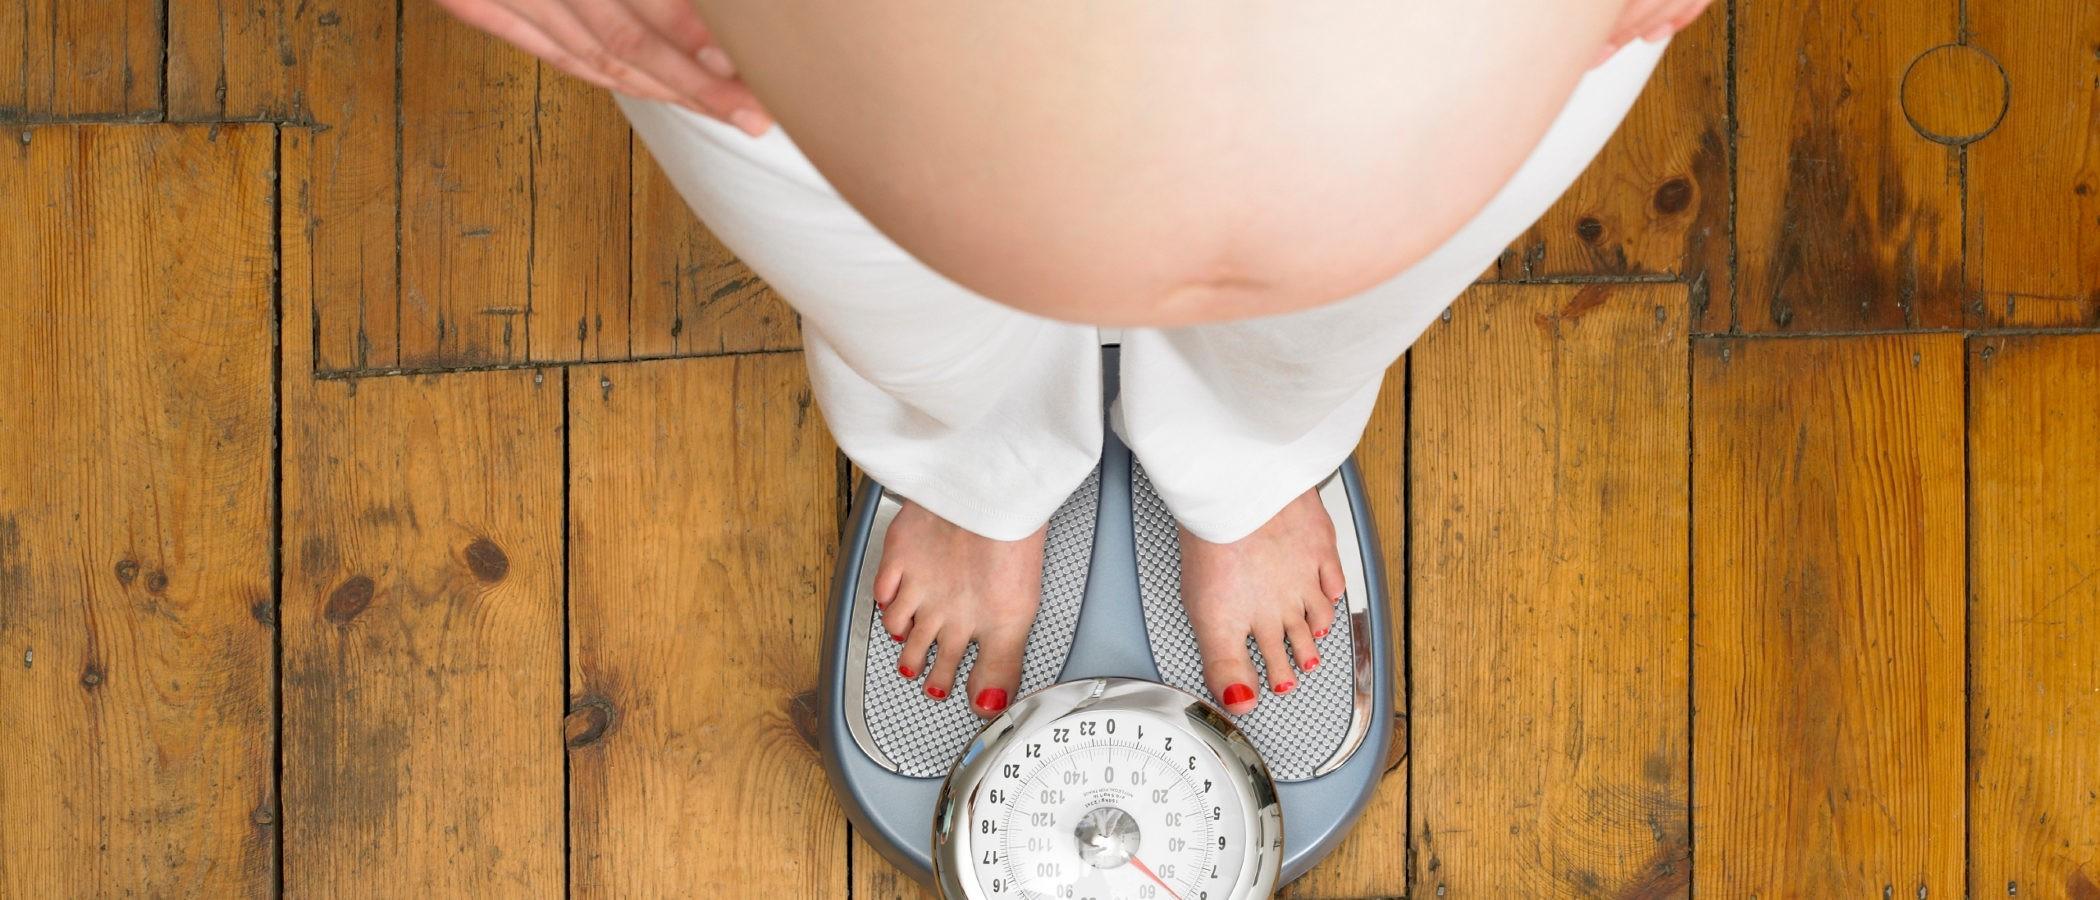 Aumento de peso durante el embarazo, ¿cuándo es demasiado?